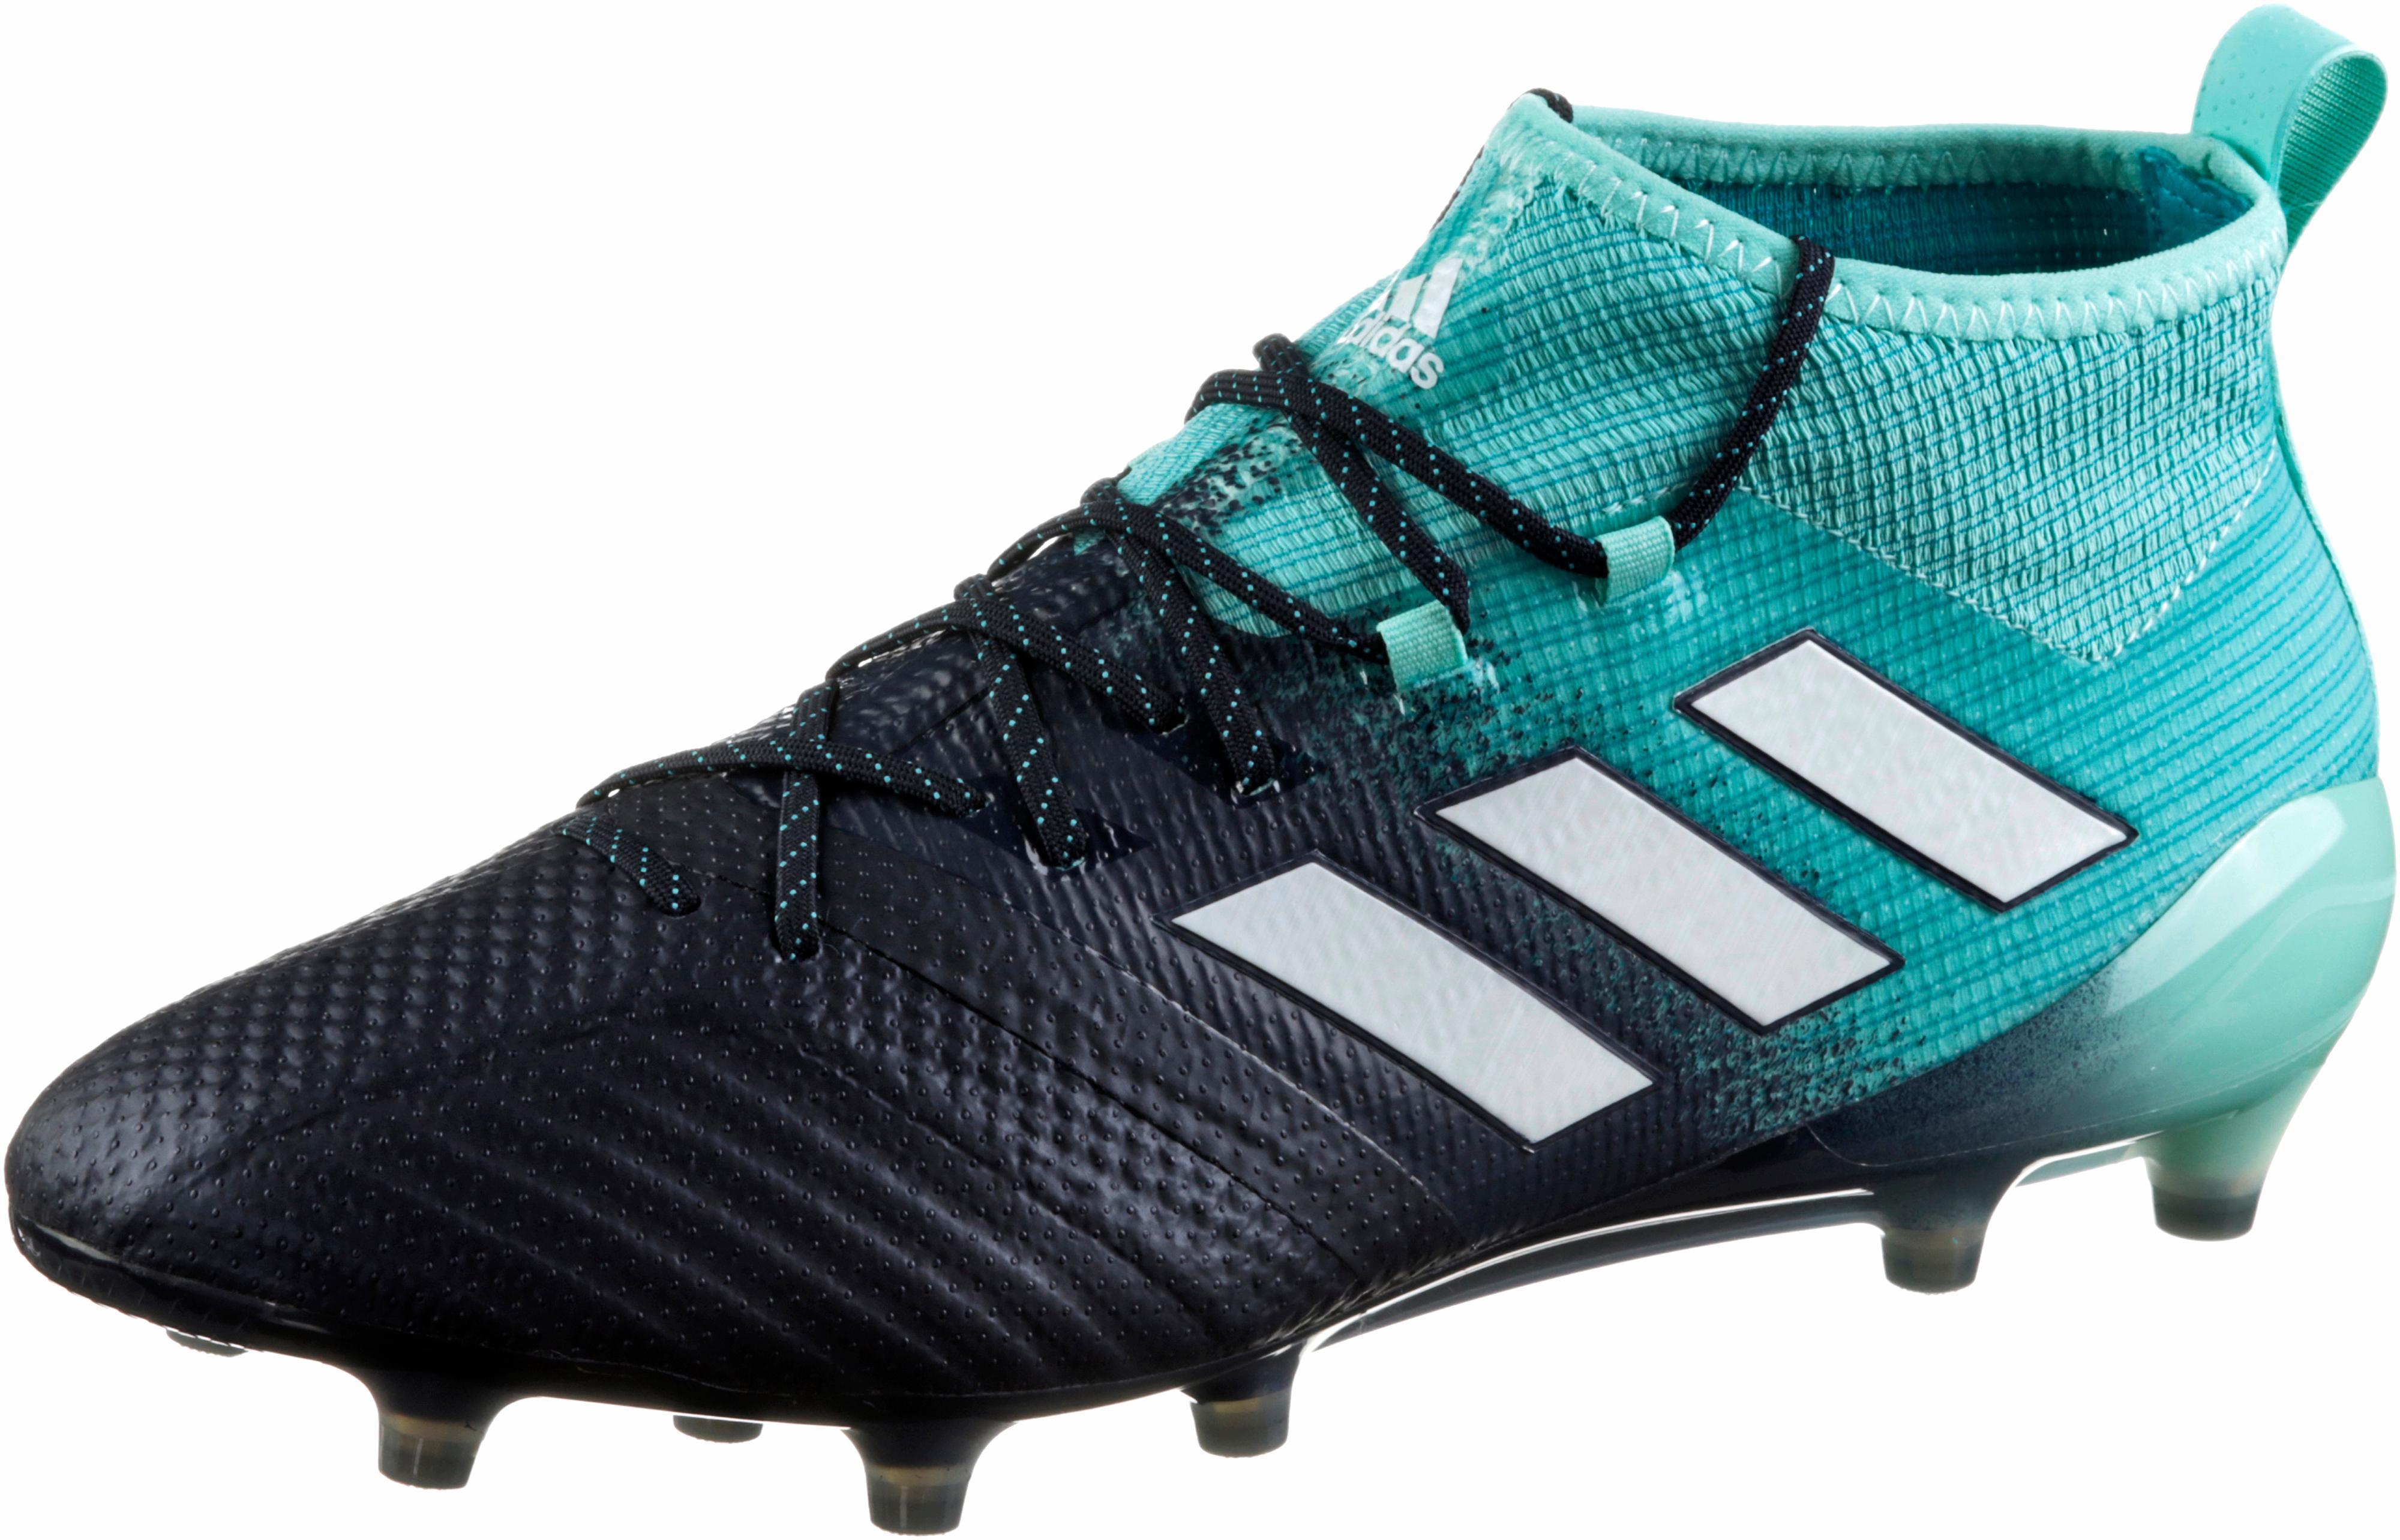 huge discount b599c fd05e Adidas ACE 17.1 FG Fußballschuhe Herren energy aqua im Online Shop von  SportScheck kaufen